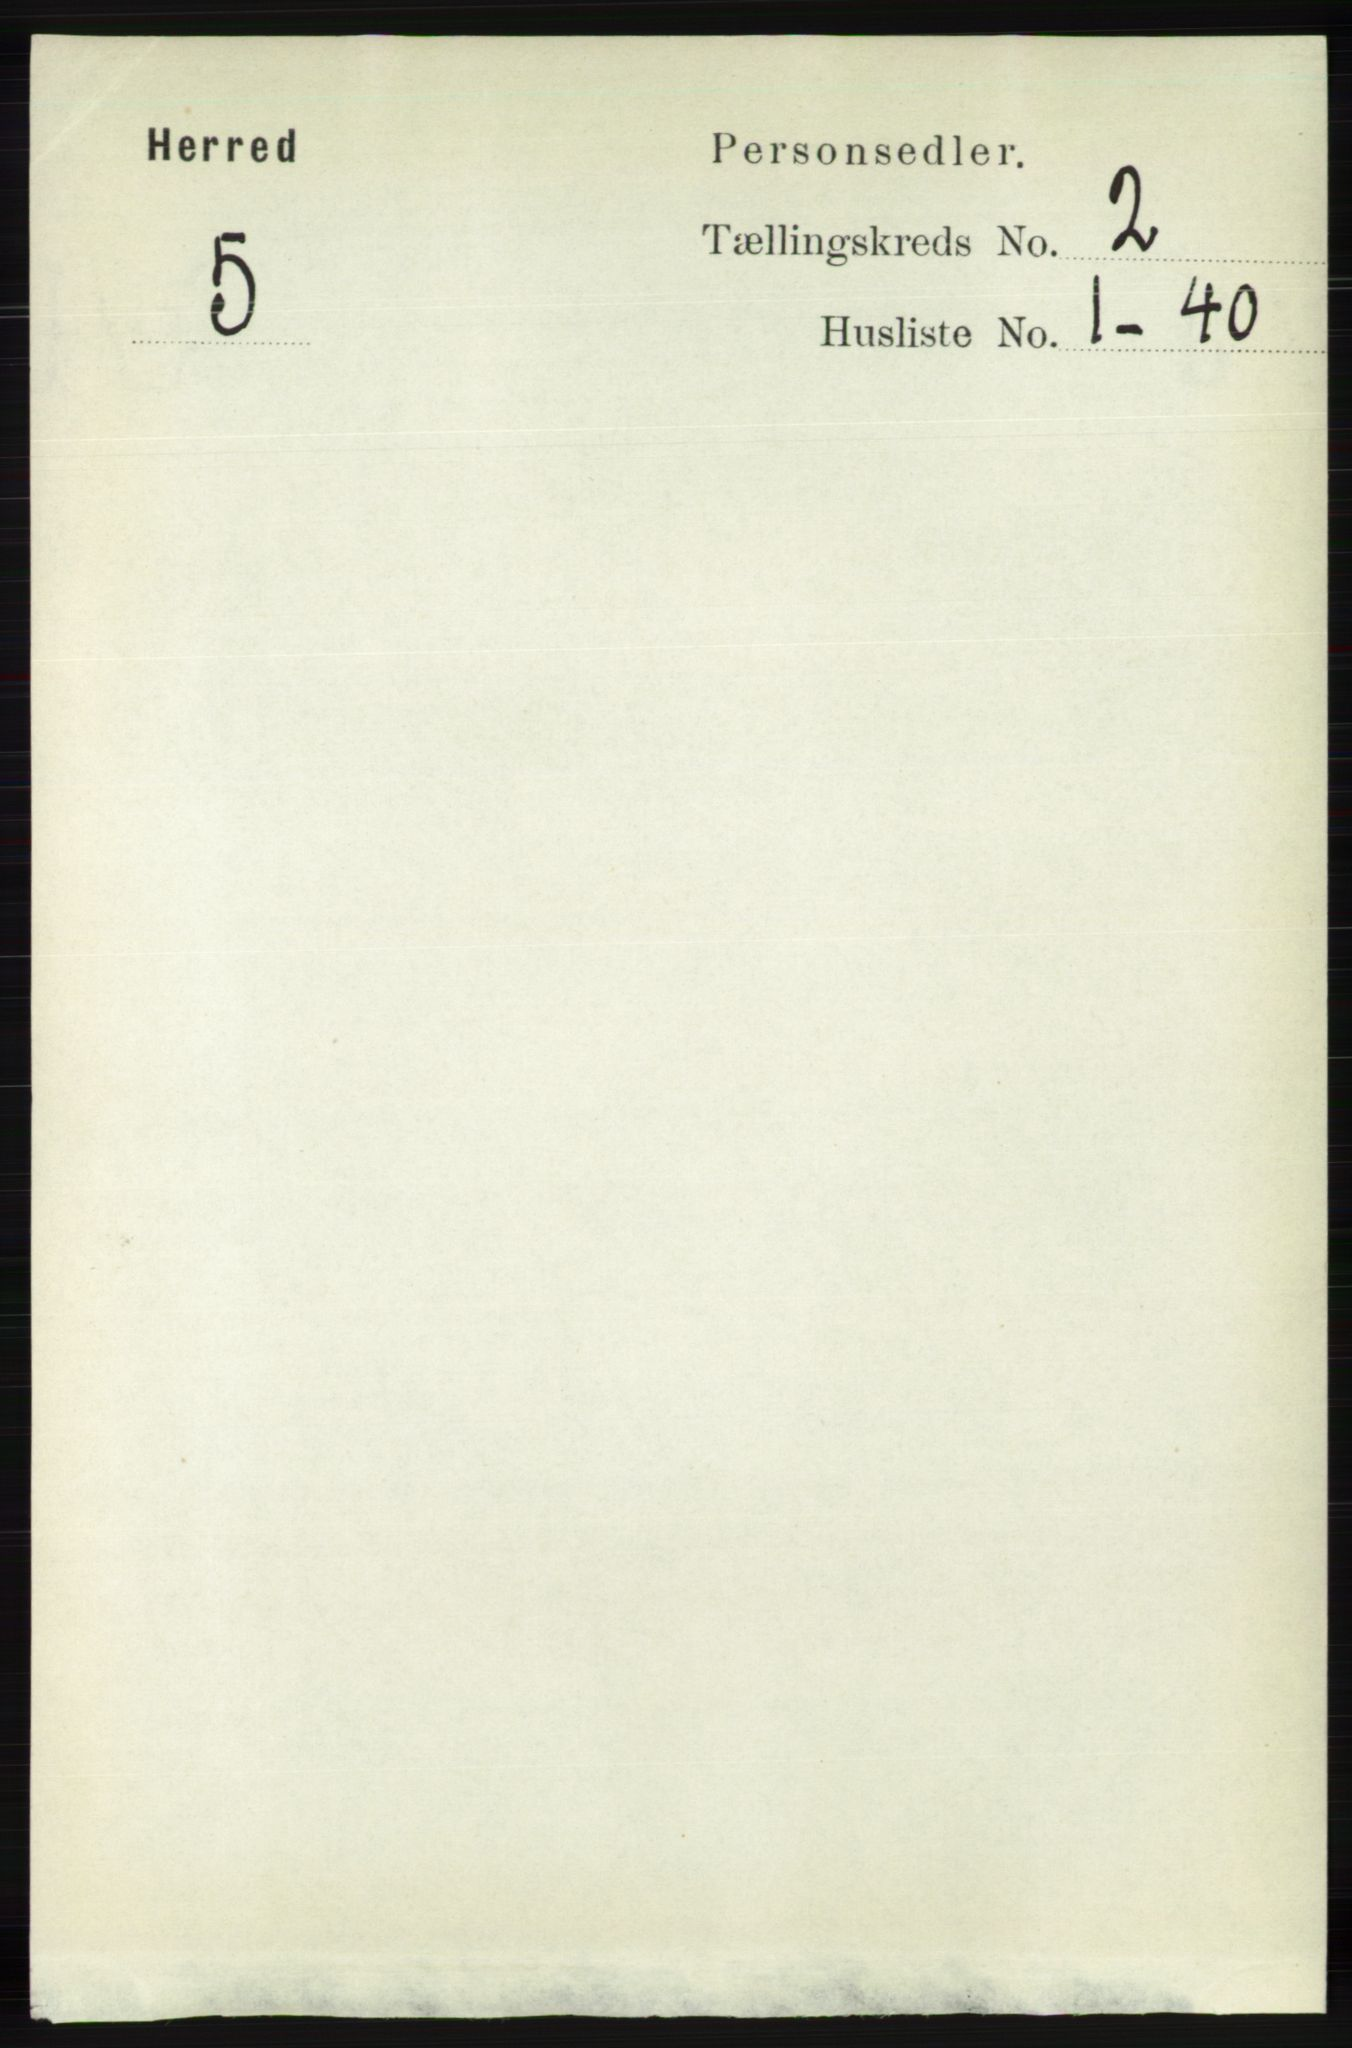 RA, Folketelling 1891 for 1039 Herad herred, 1891, s. 523